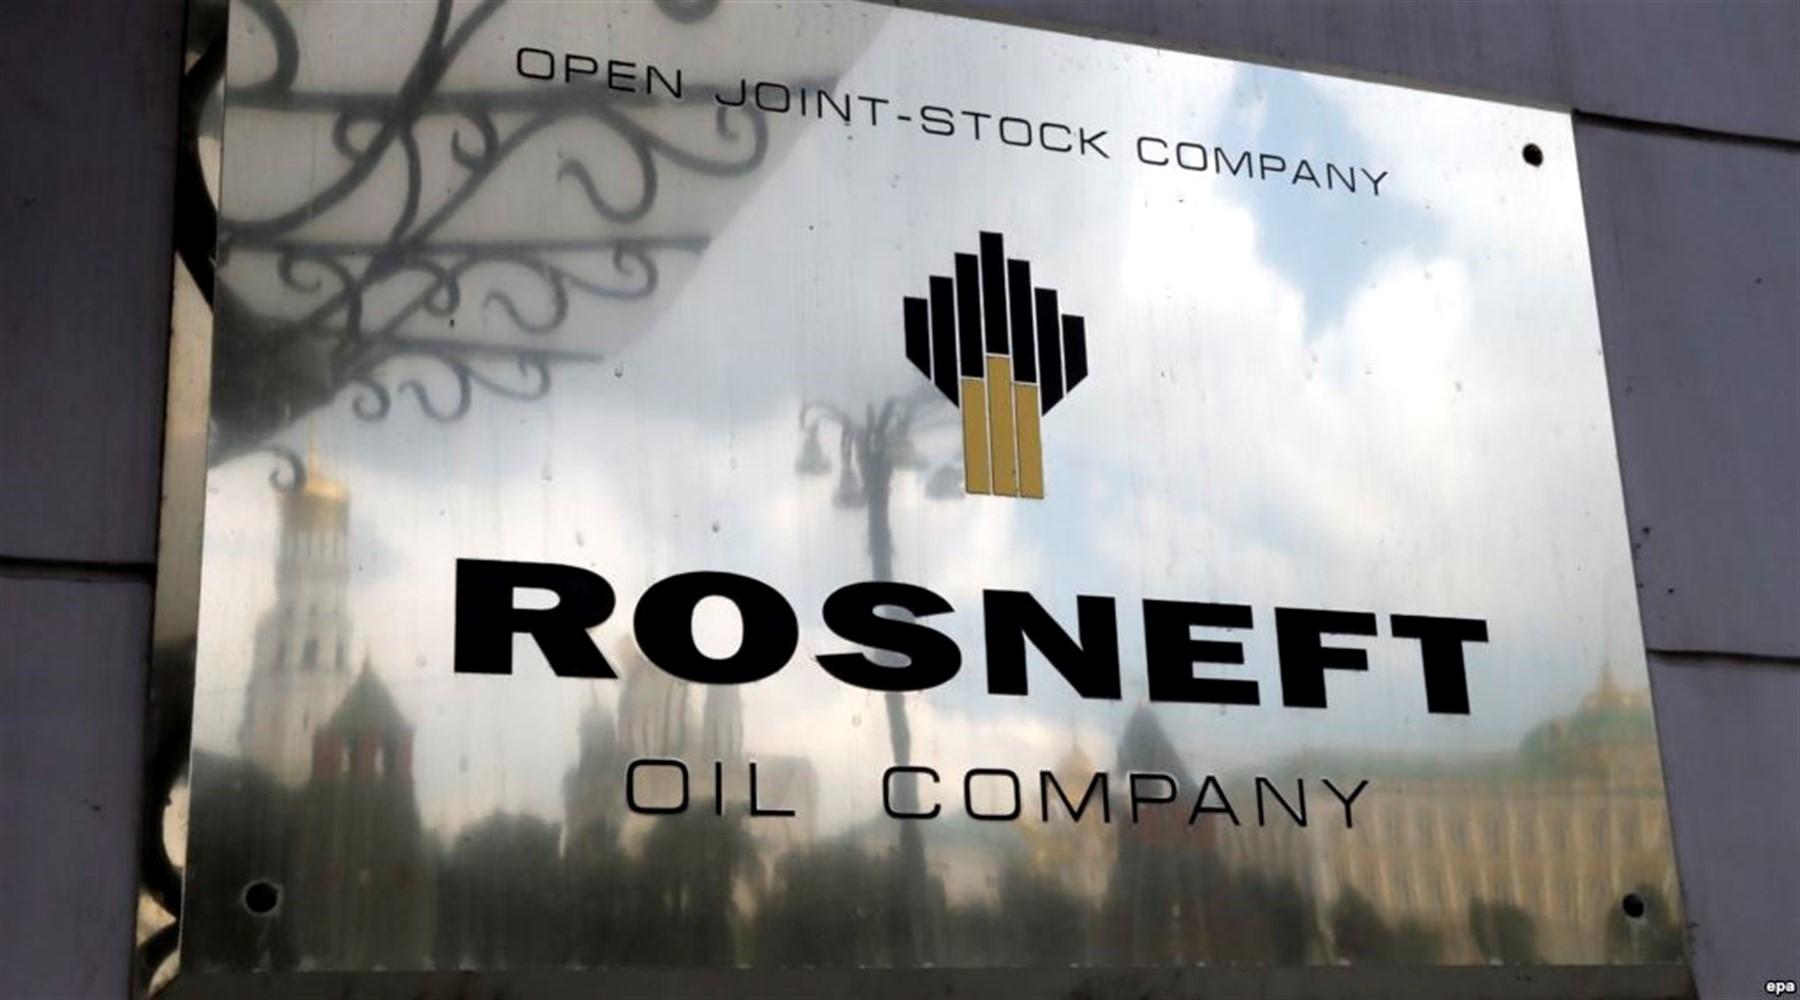 روسنفت تتوقع استقرار إنتاج روسيا النفطي حتى نهاية العام